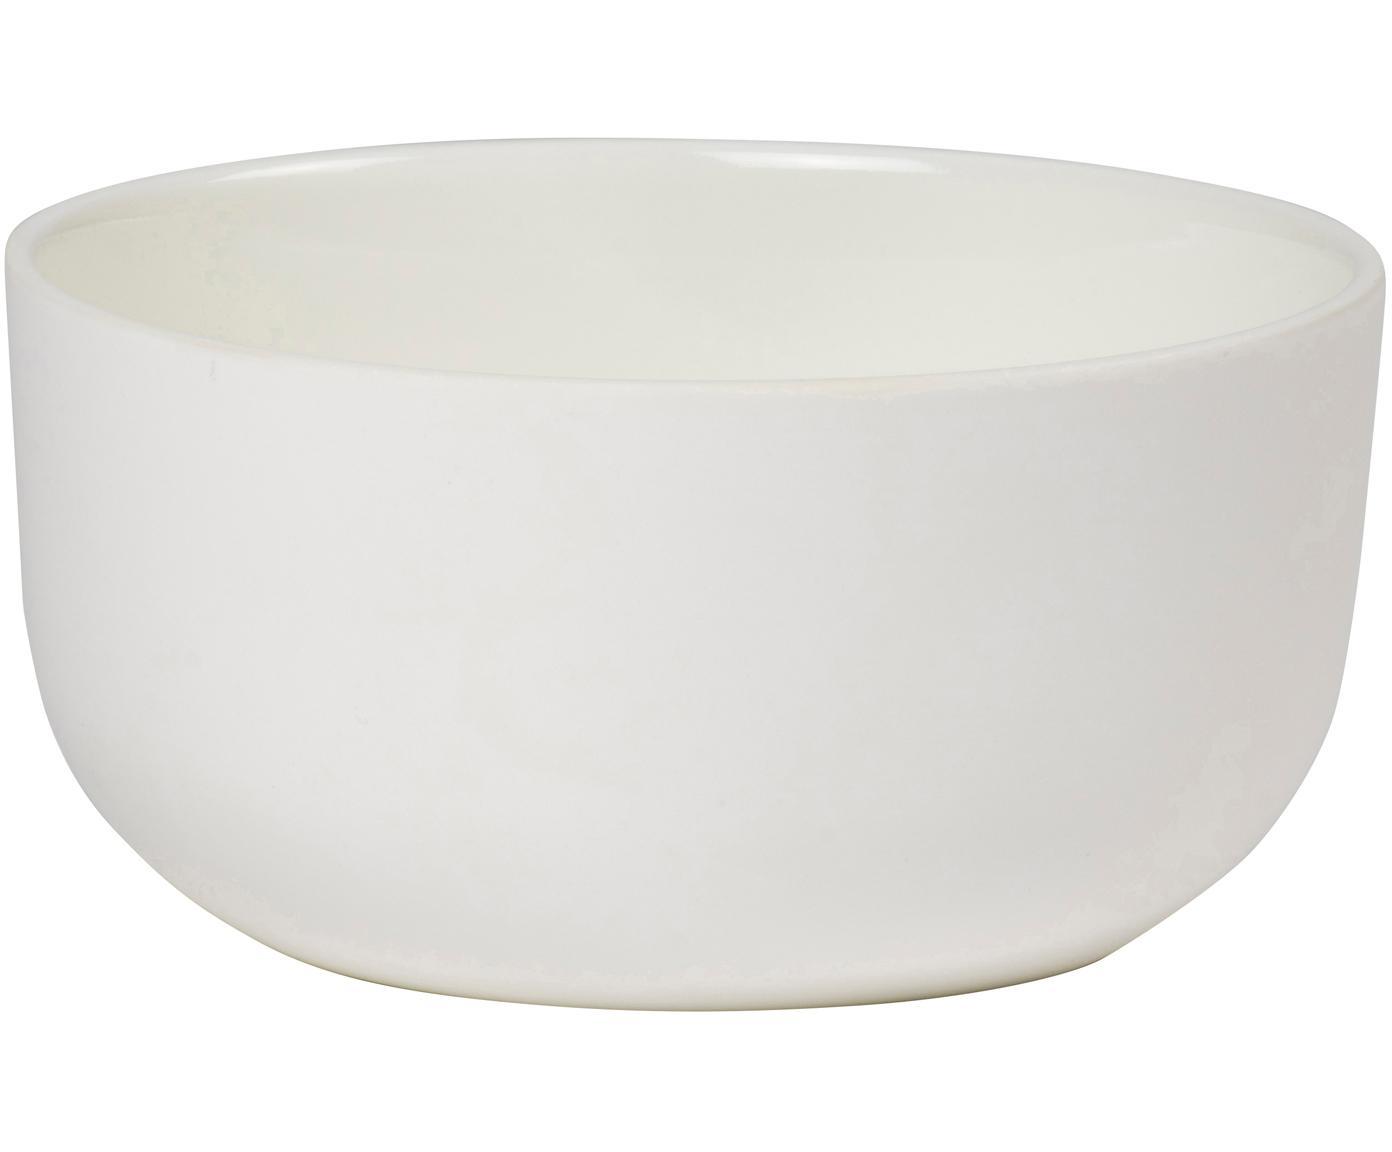 Schälchen Nudge in Weiss matt/glänzend, 4 Stück, Porzellan, Gebrochenes Weiss, Ø 14 cm